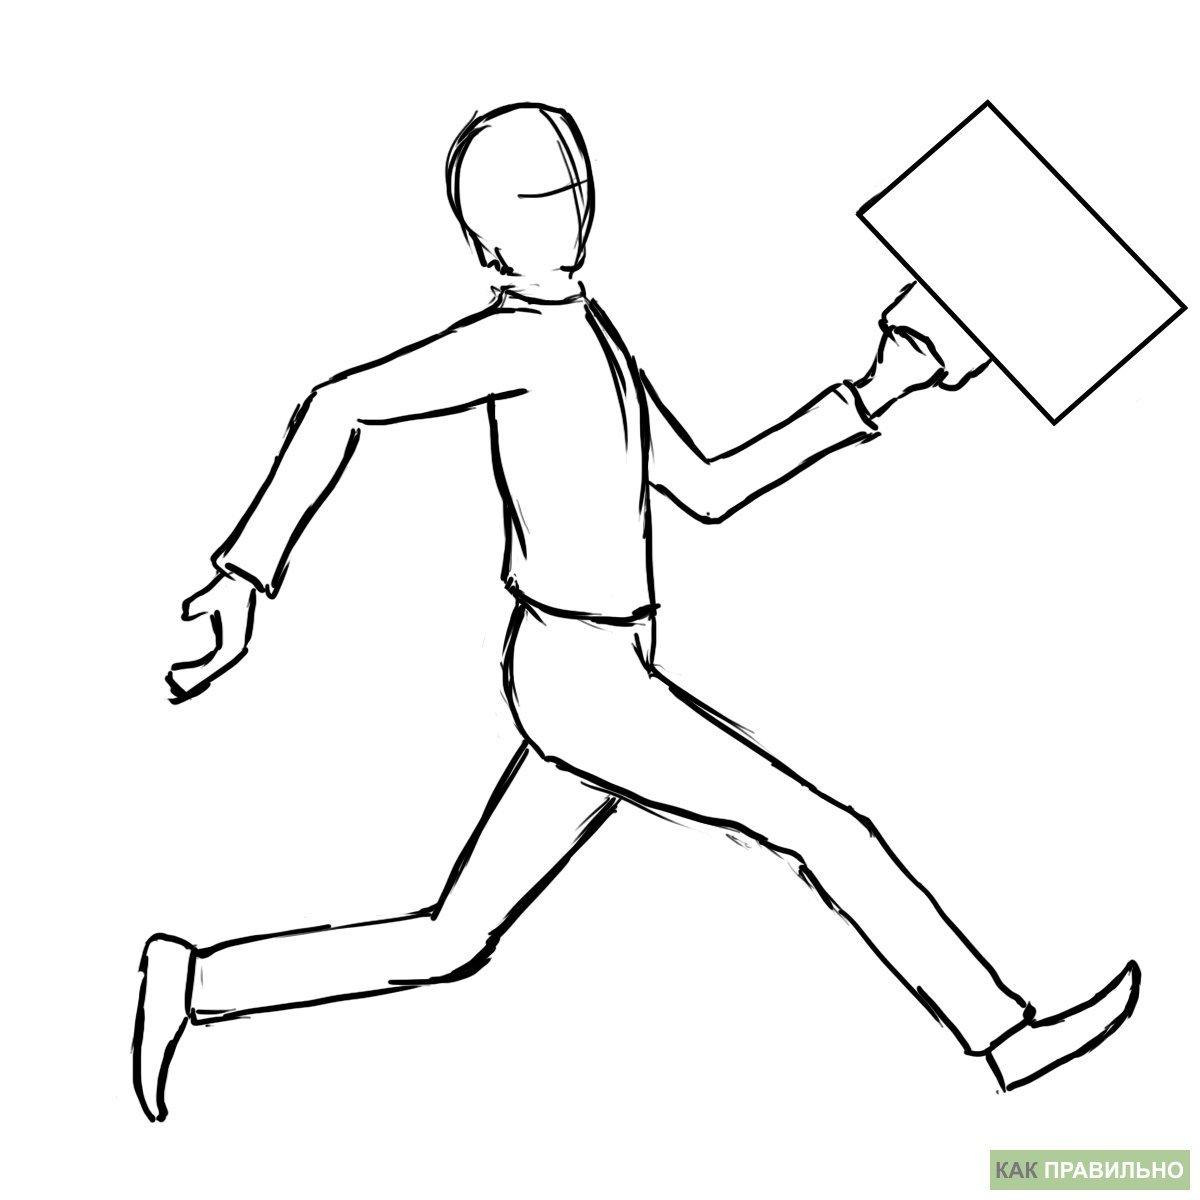 изображение человека движения рисунок